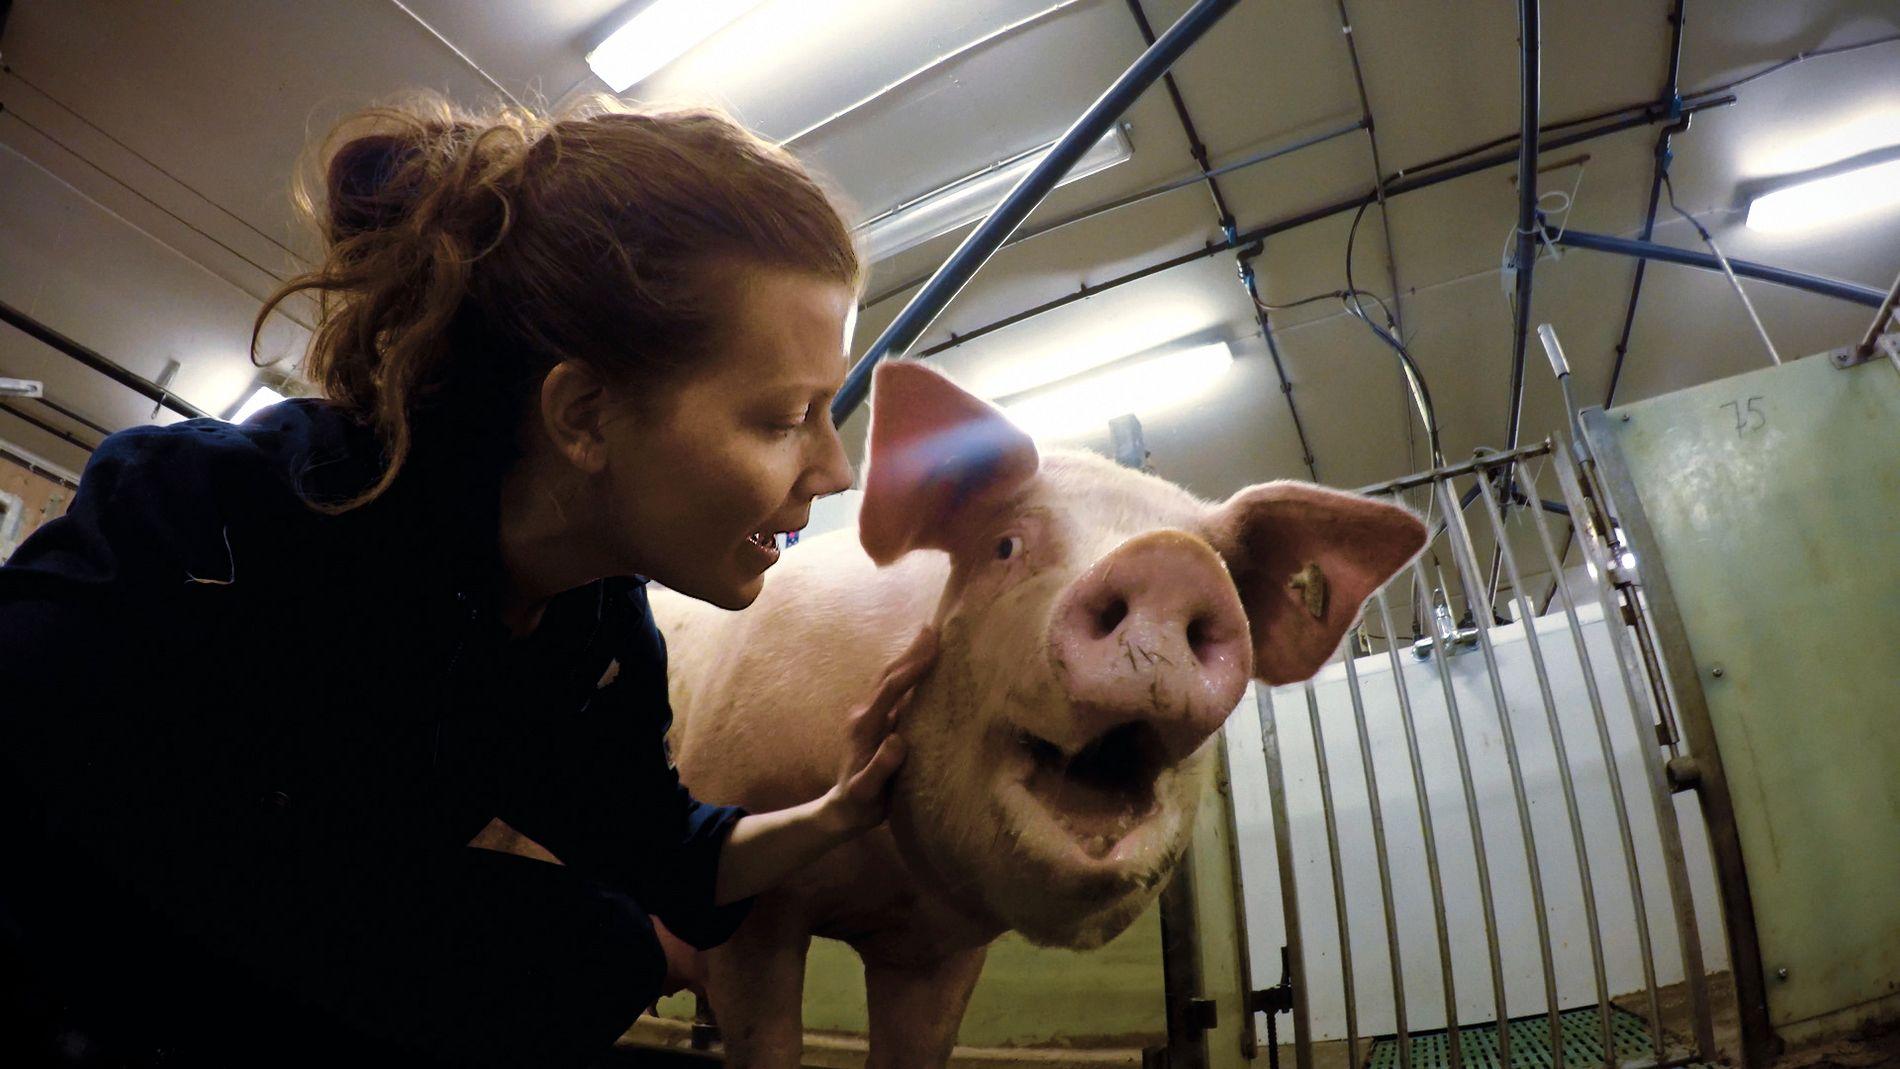 GIKK UNDERCOVER: Norun Haugen reiste rundt med ulike identiteter i fem år for å avdekke brudd på dyrevelferd hos norske grisefarmer.